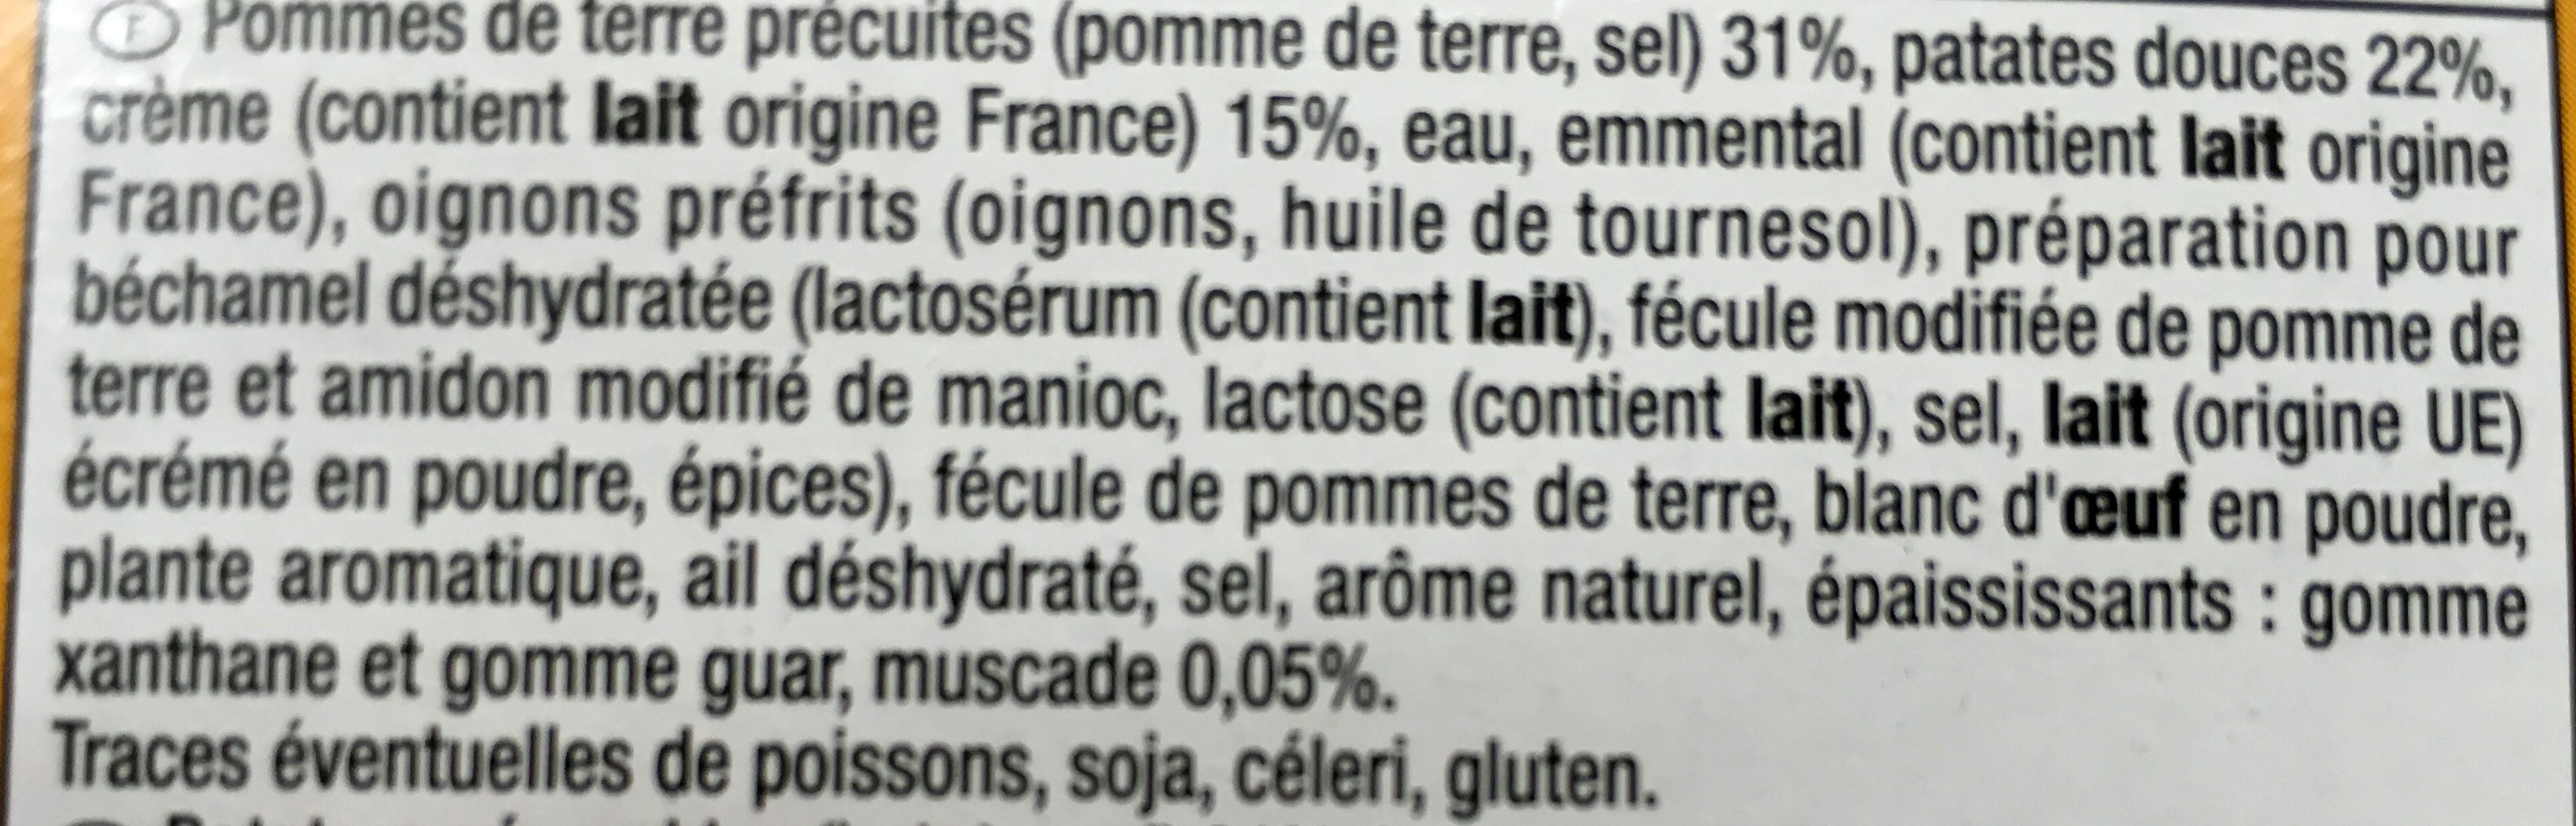 Mini gratins pomme de terre patate douce - Ingrédients - fr